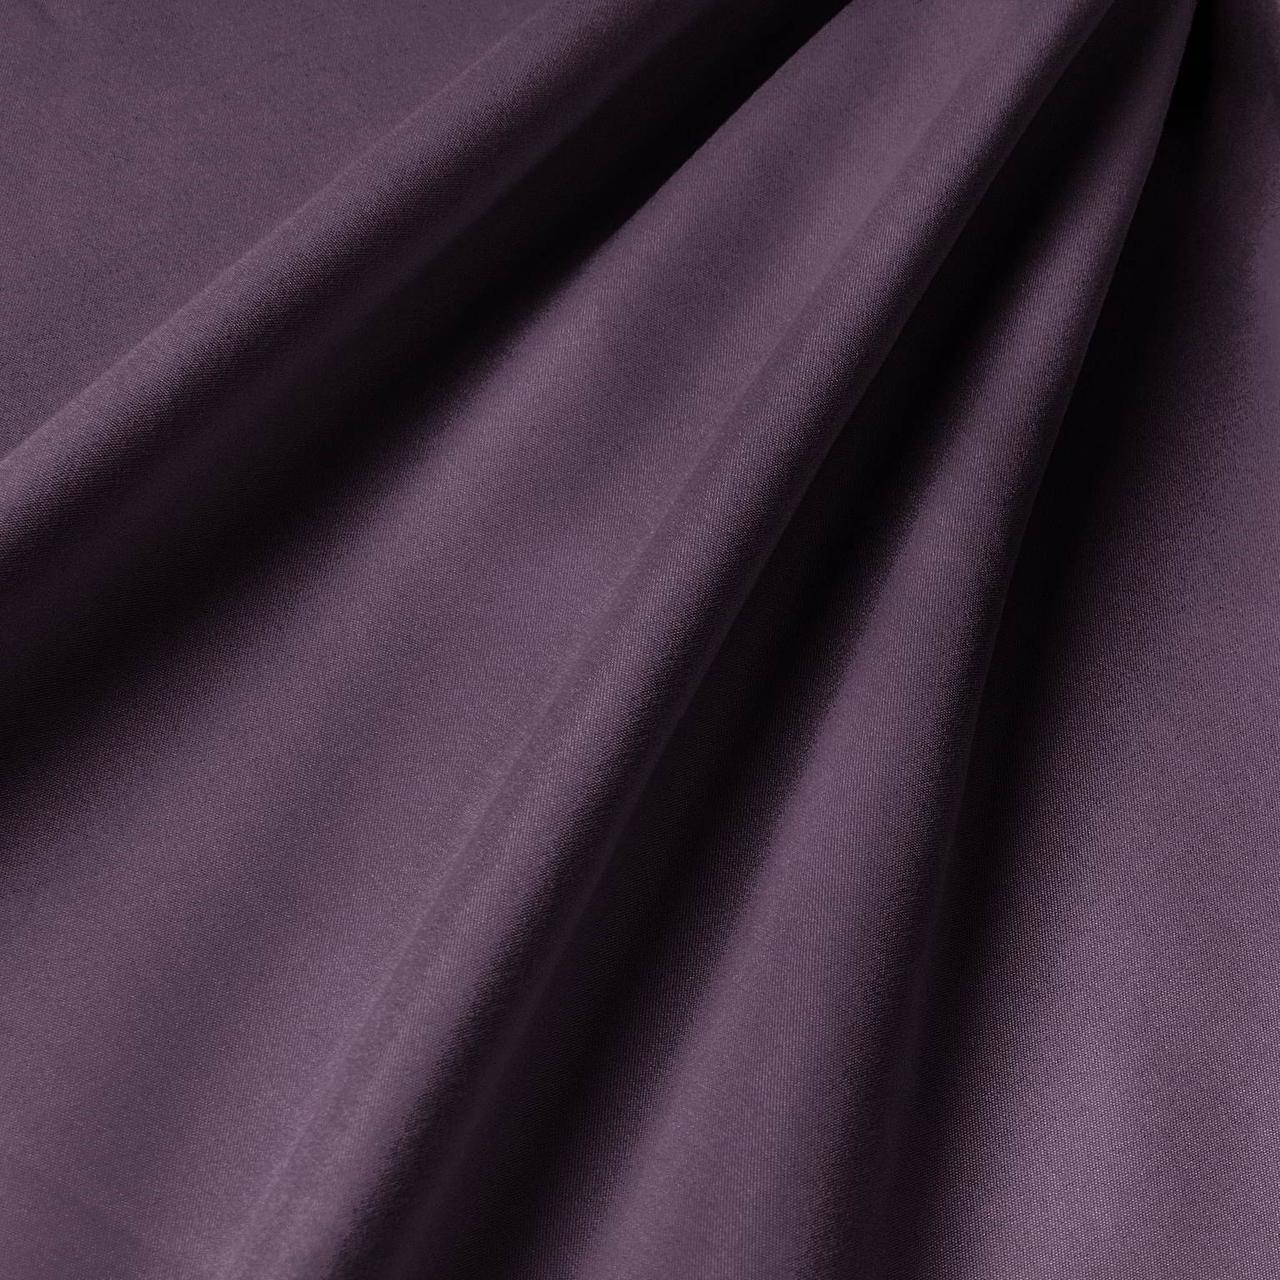 Подкладочная ткань с матовой фактурой (Испания) 83313v16